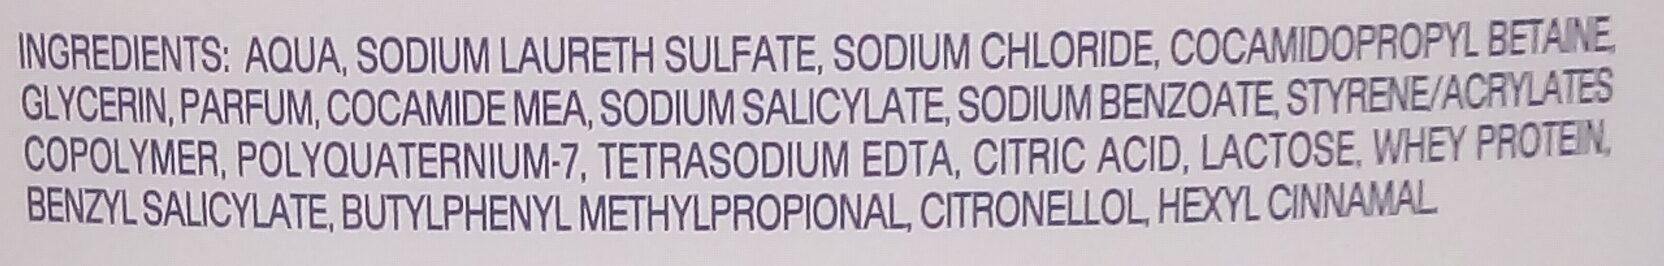 GEL DOUCHE CREME - Ingredients - fr